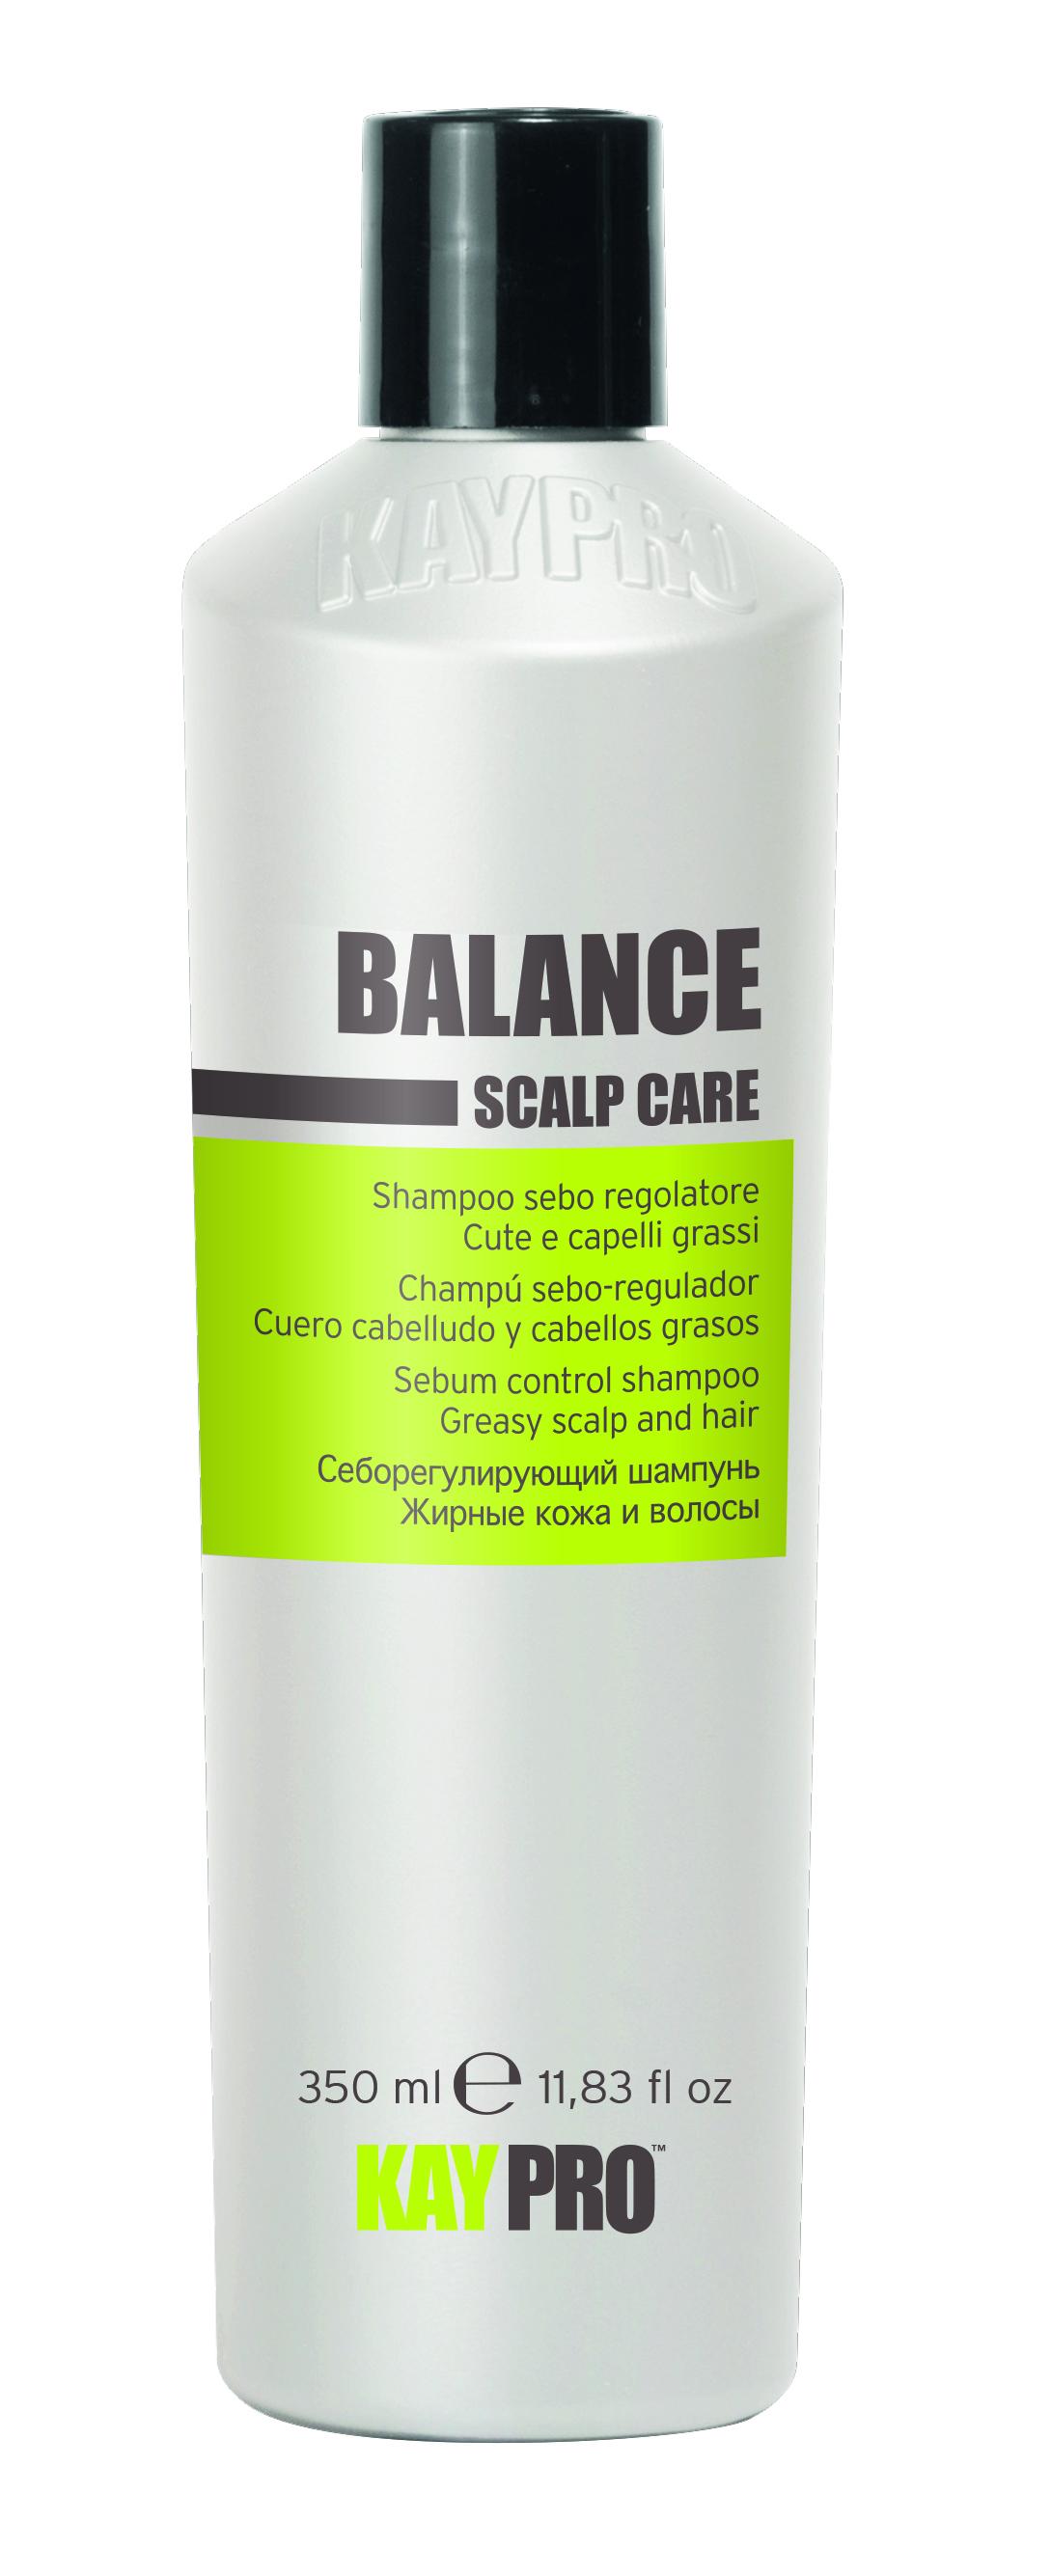 KAYPRO Шампунь себорегулирующий для жирных волос / KAYPRO 350млШампуни<br>СЕБОРЕГУЛИРУЮЩИЙ ШАМПУНЬ ДЛЯ ЖИРНЫХ ВОЛОС. Эффективно очищает, регулируя секрецию сальных желез кожи головы, восстанавливает ее баланс. Оказывает успокаивающее действие. Активные ингредиенты: содержит экстракт березы и лимнантеса белого. Способ применения: нанести на мокрые волосы, помассировать и смыть.<br><br>Объем: 350 мл<br>Тип кожи головы: Жирная<br>Типы волос: Жирные<br>Назначение: Перхоть